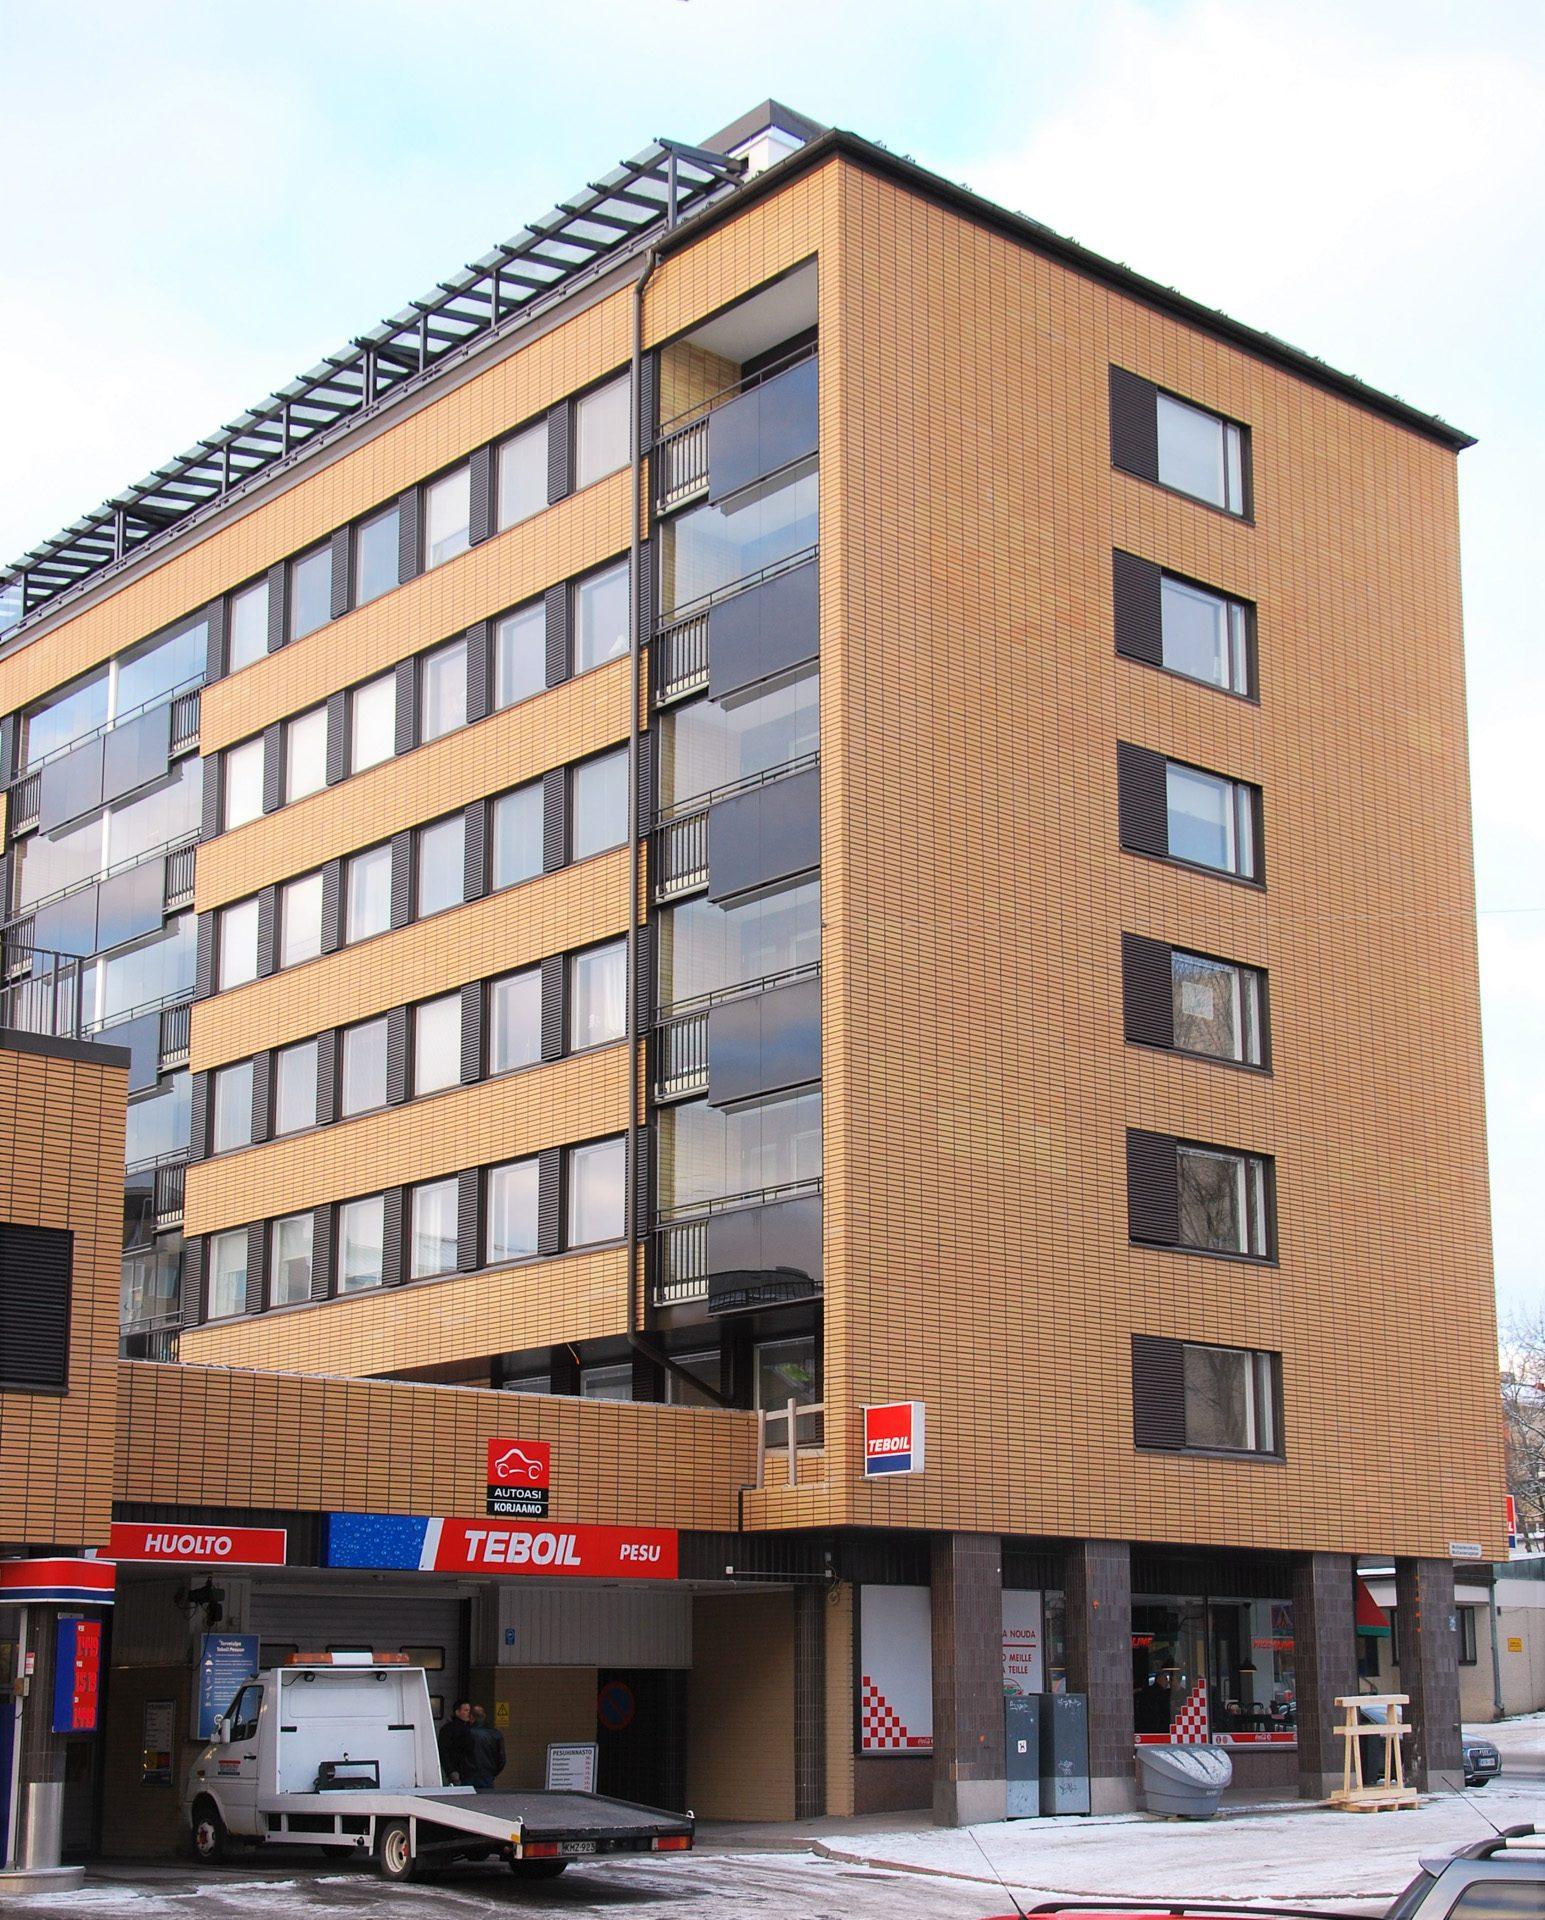 Tiileri Turku